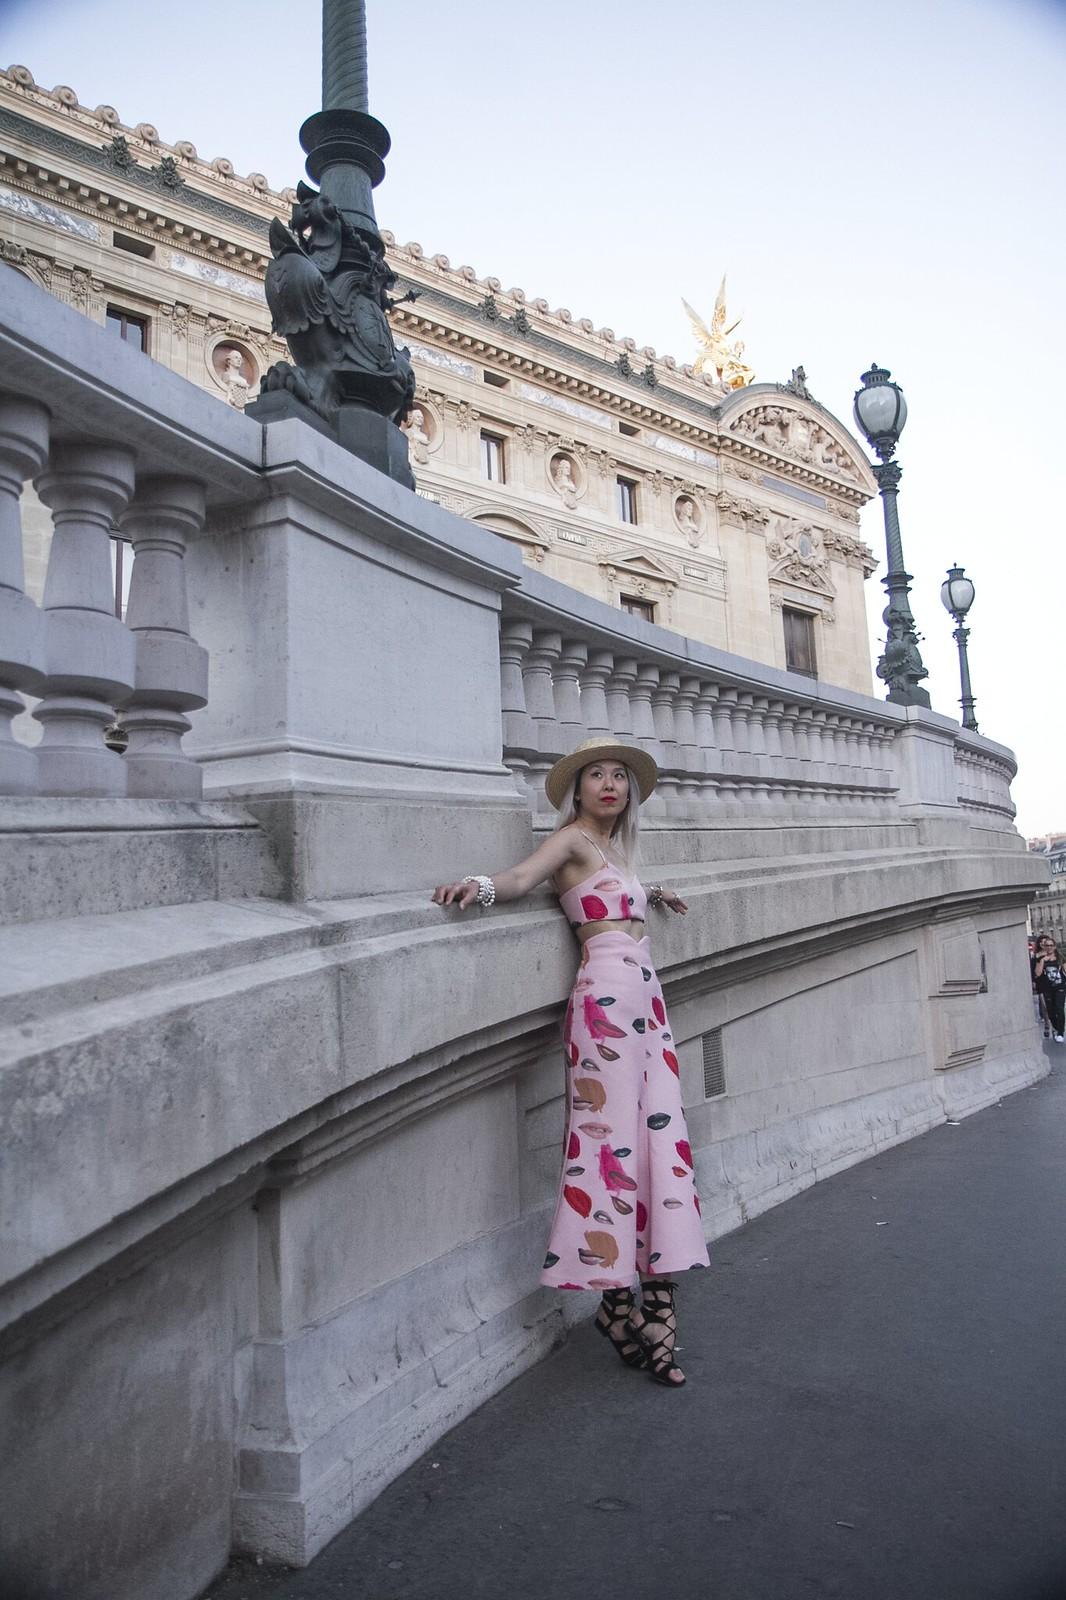 paris_outside_museum_pose